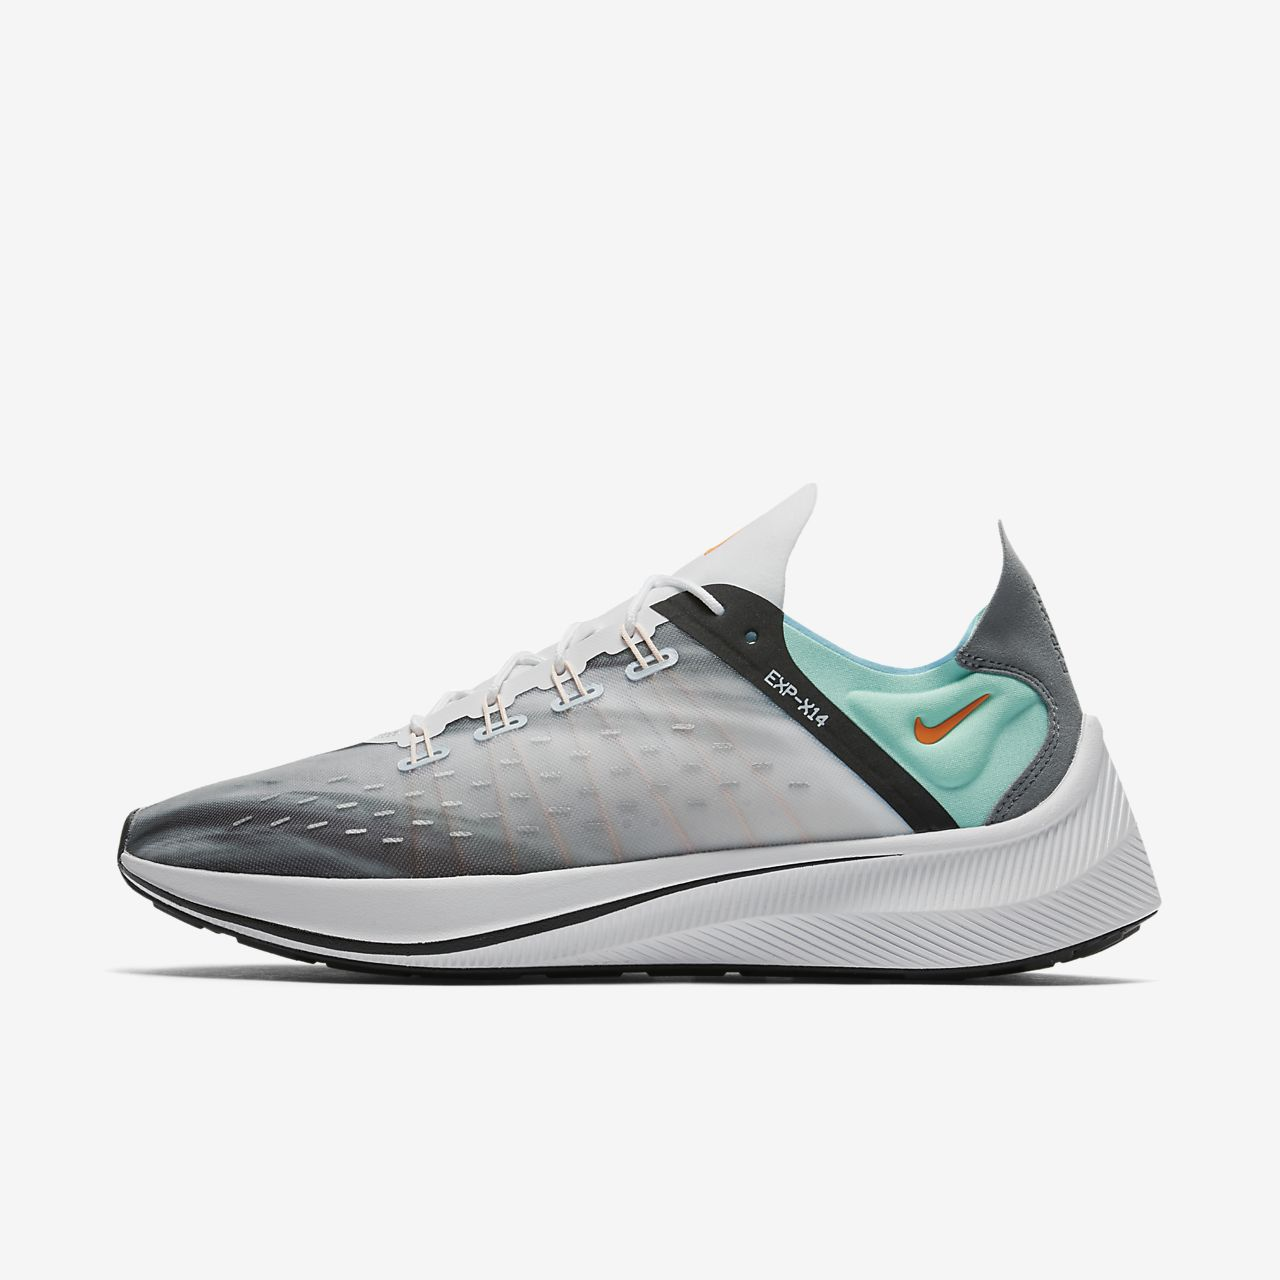 5a6c83faa46 Nike EXP-X14 QS Men s Shoe. Nike.com